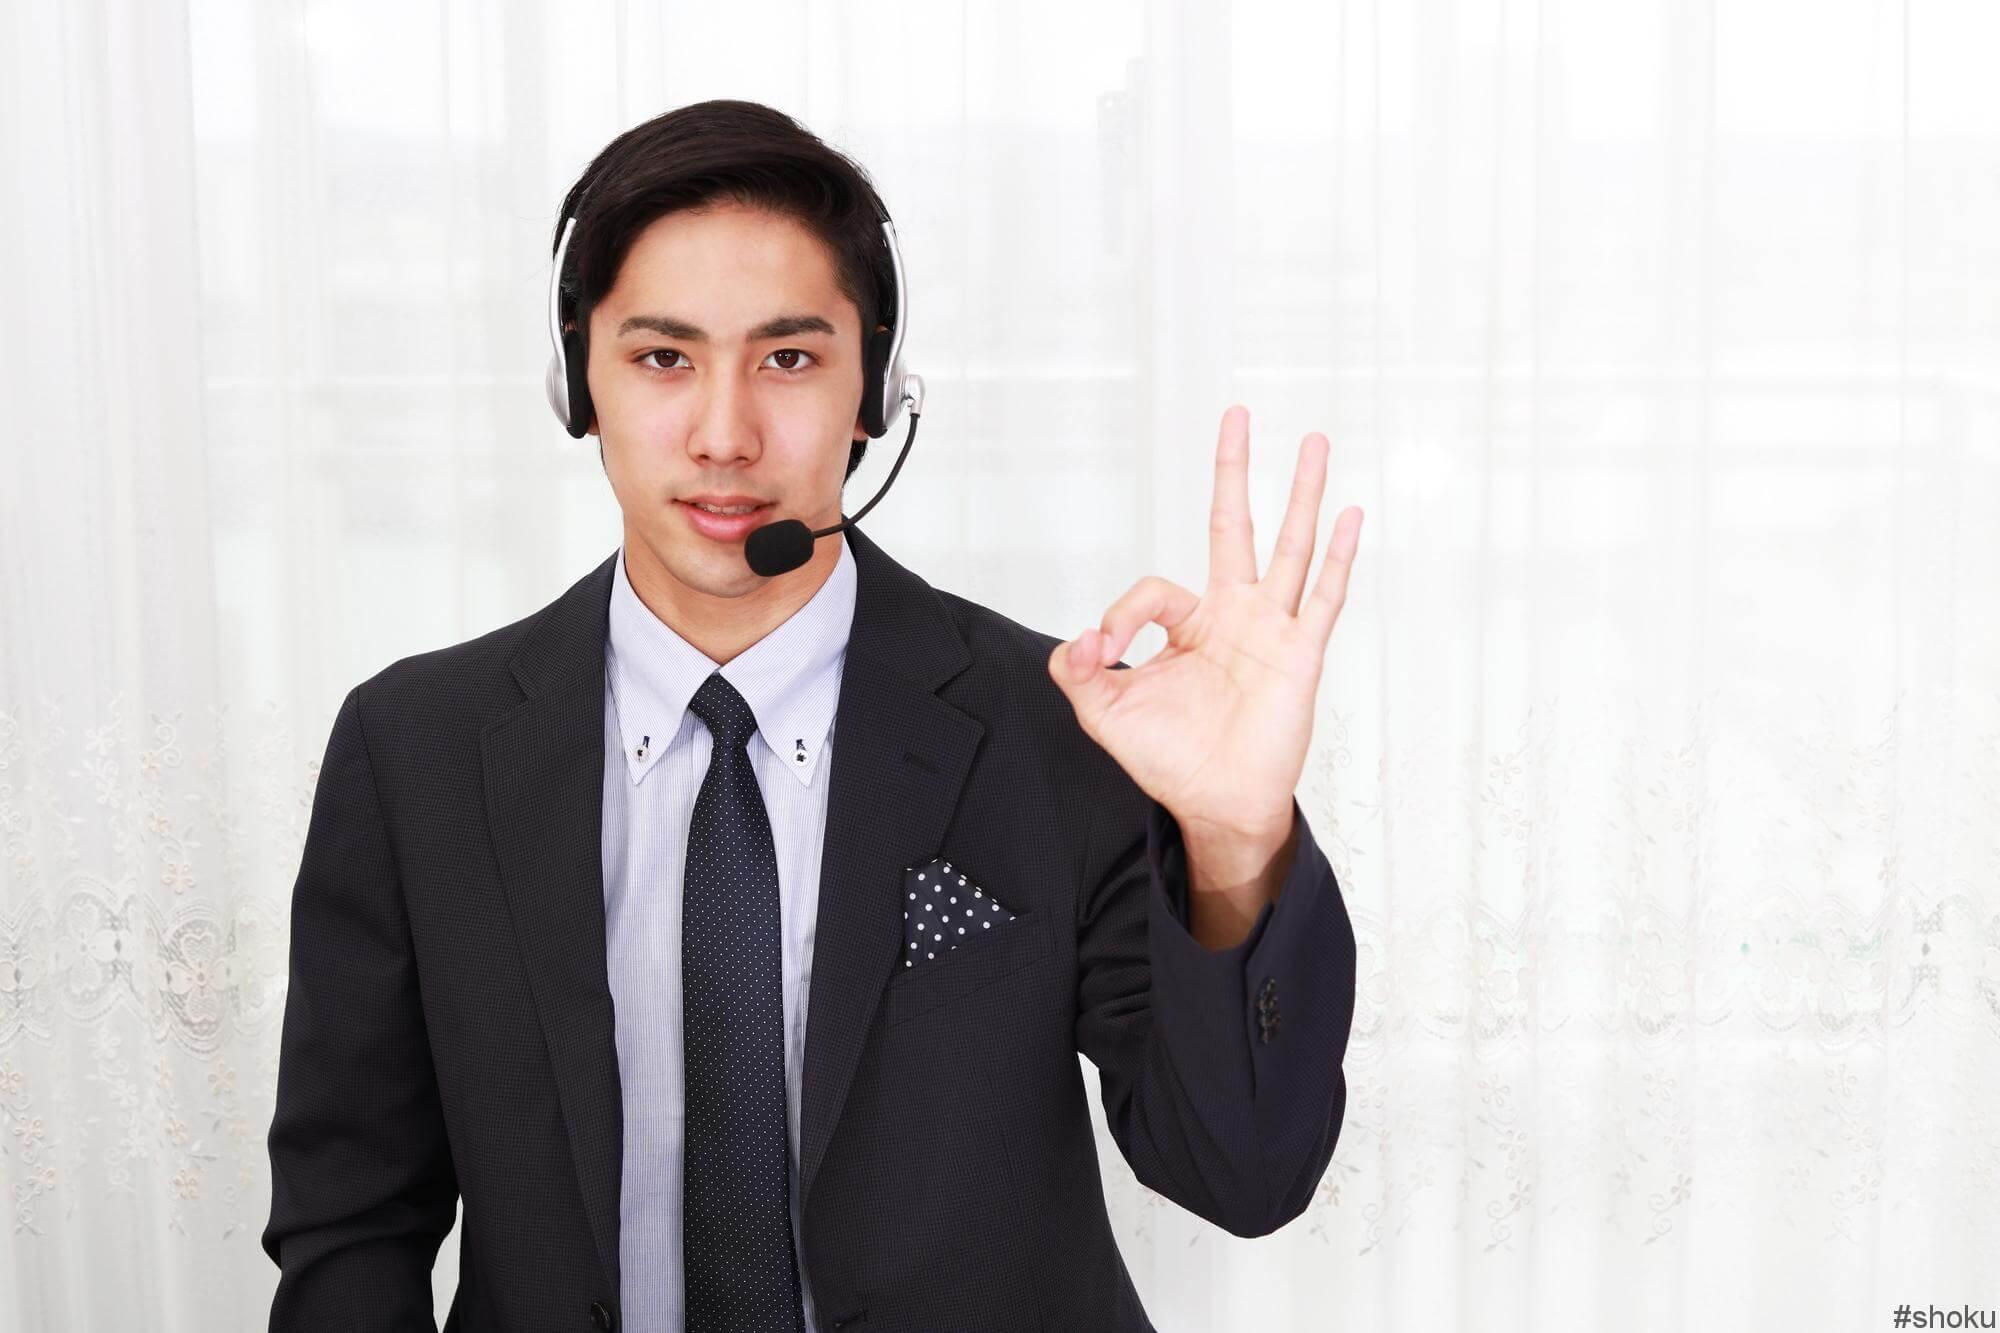 コールセンターの仕事でクレーム対応がうまくいった男性